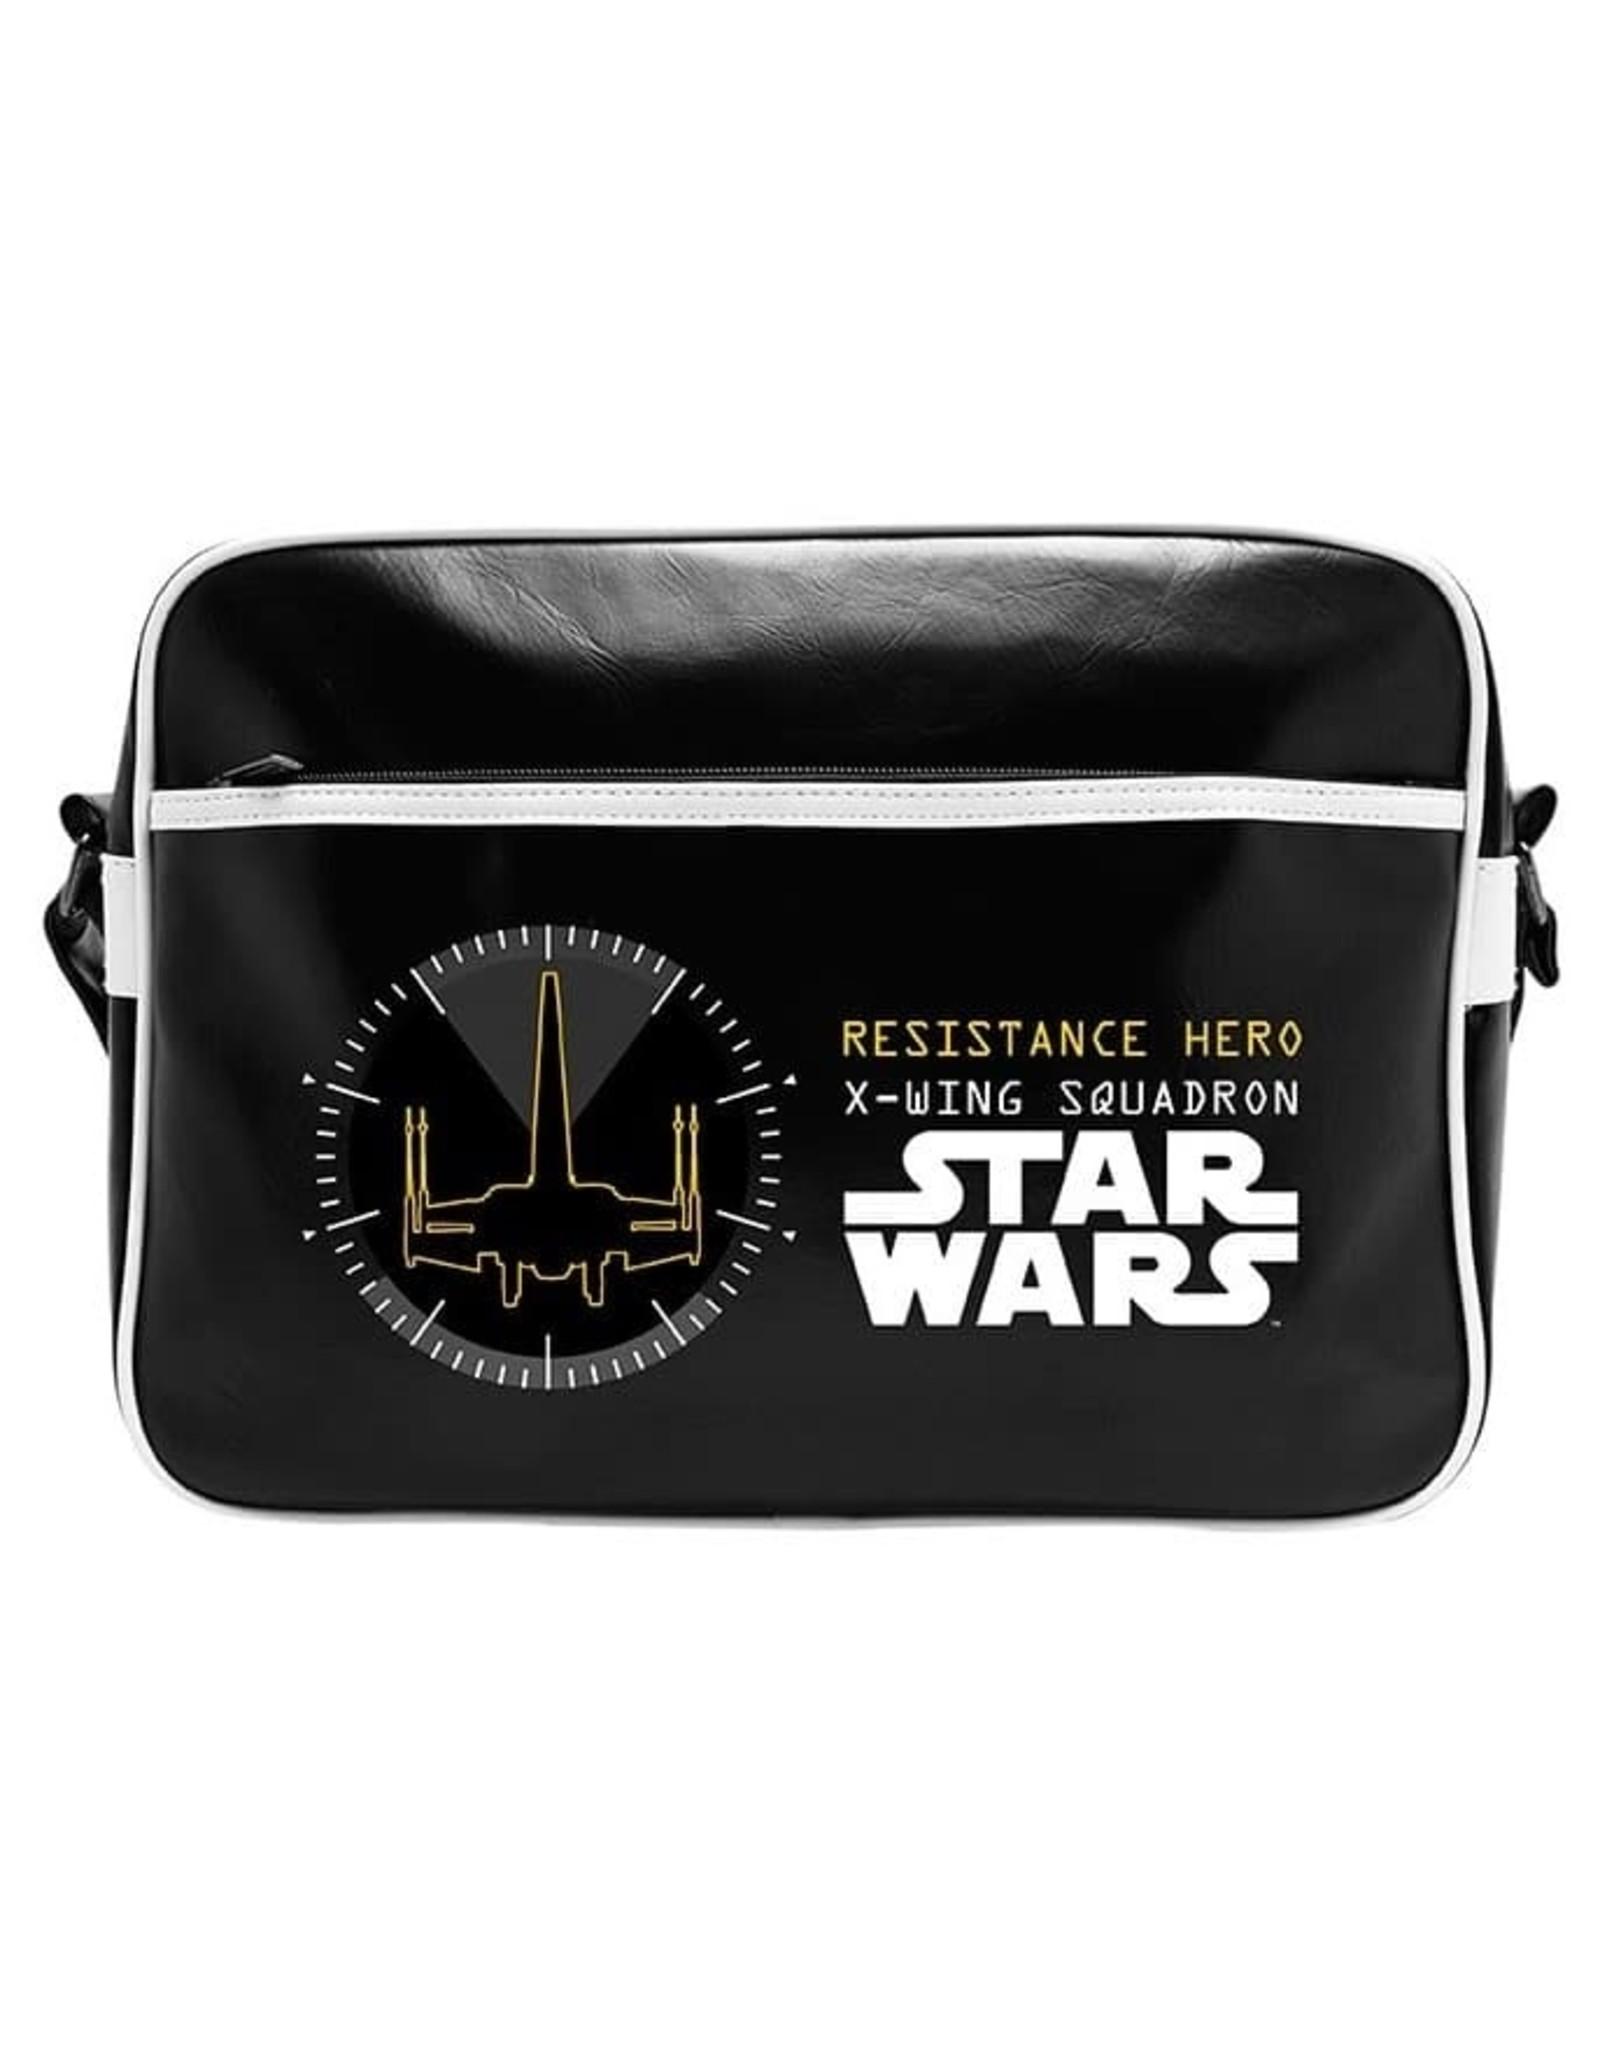 Star Wars Star Wars tassen - Star Wars Space ship E9 messenger tas